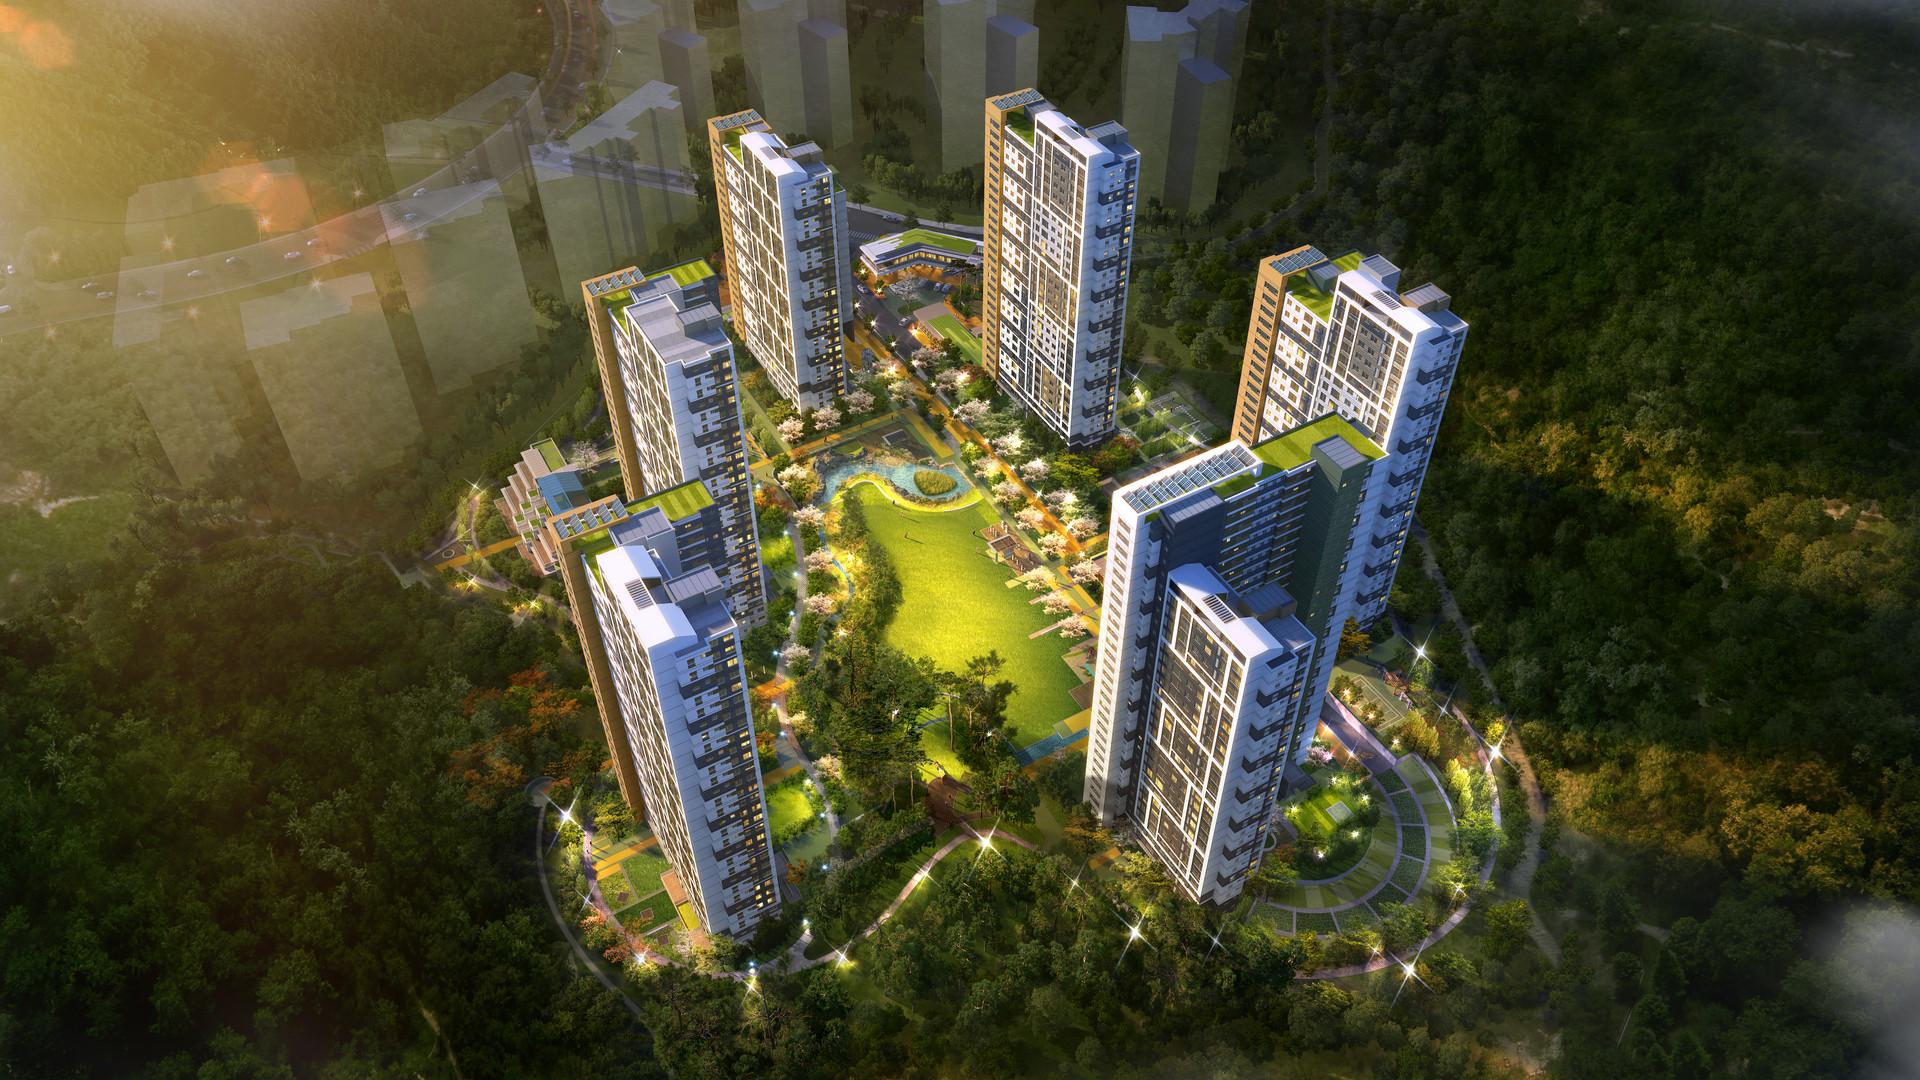 2017 / 06 / 경북도청 이전신도시 B-7BL 공공임대 주택개발 기술제안 [당선]